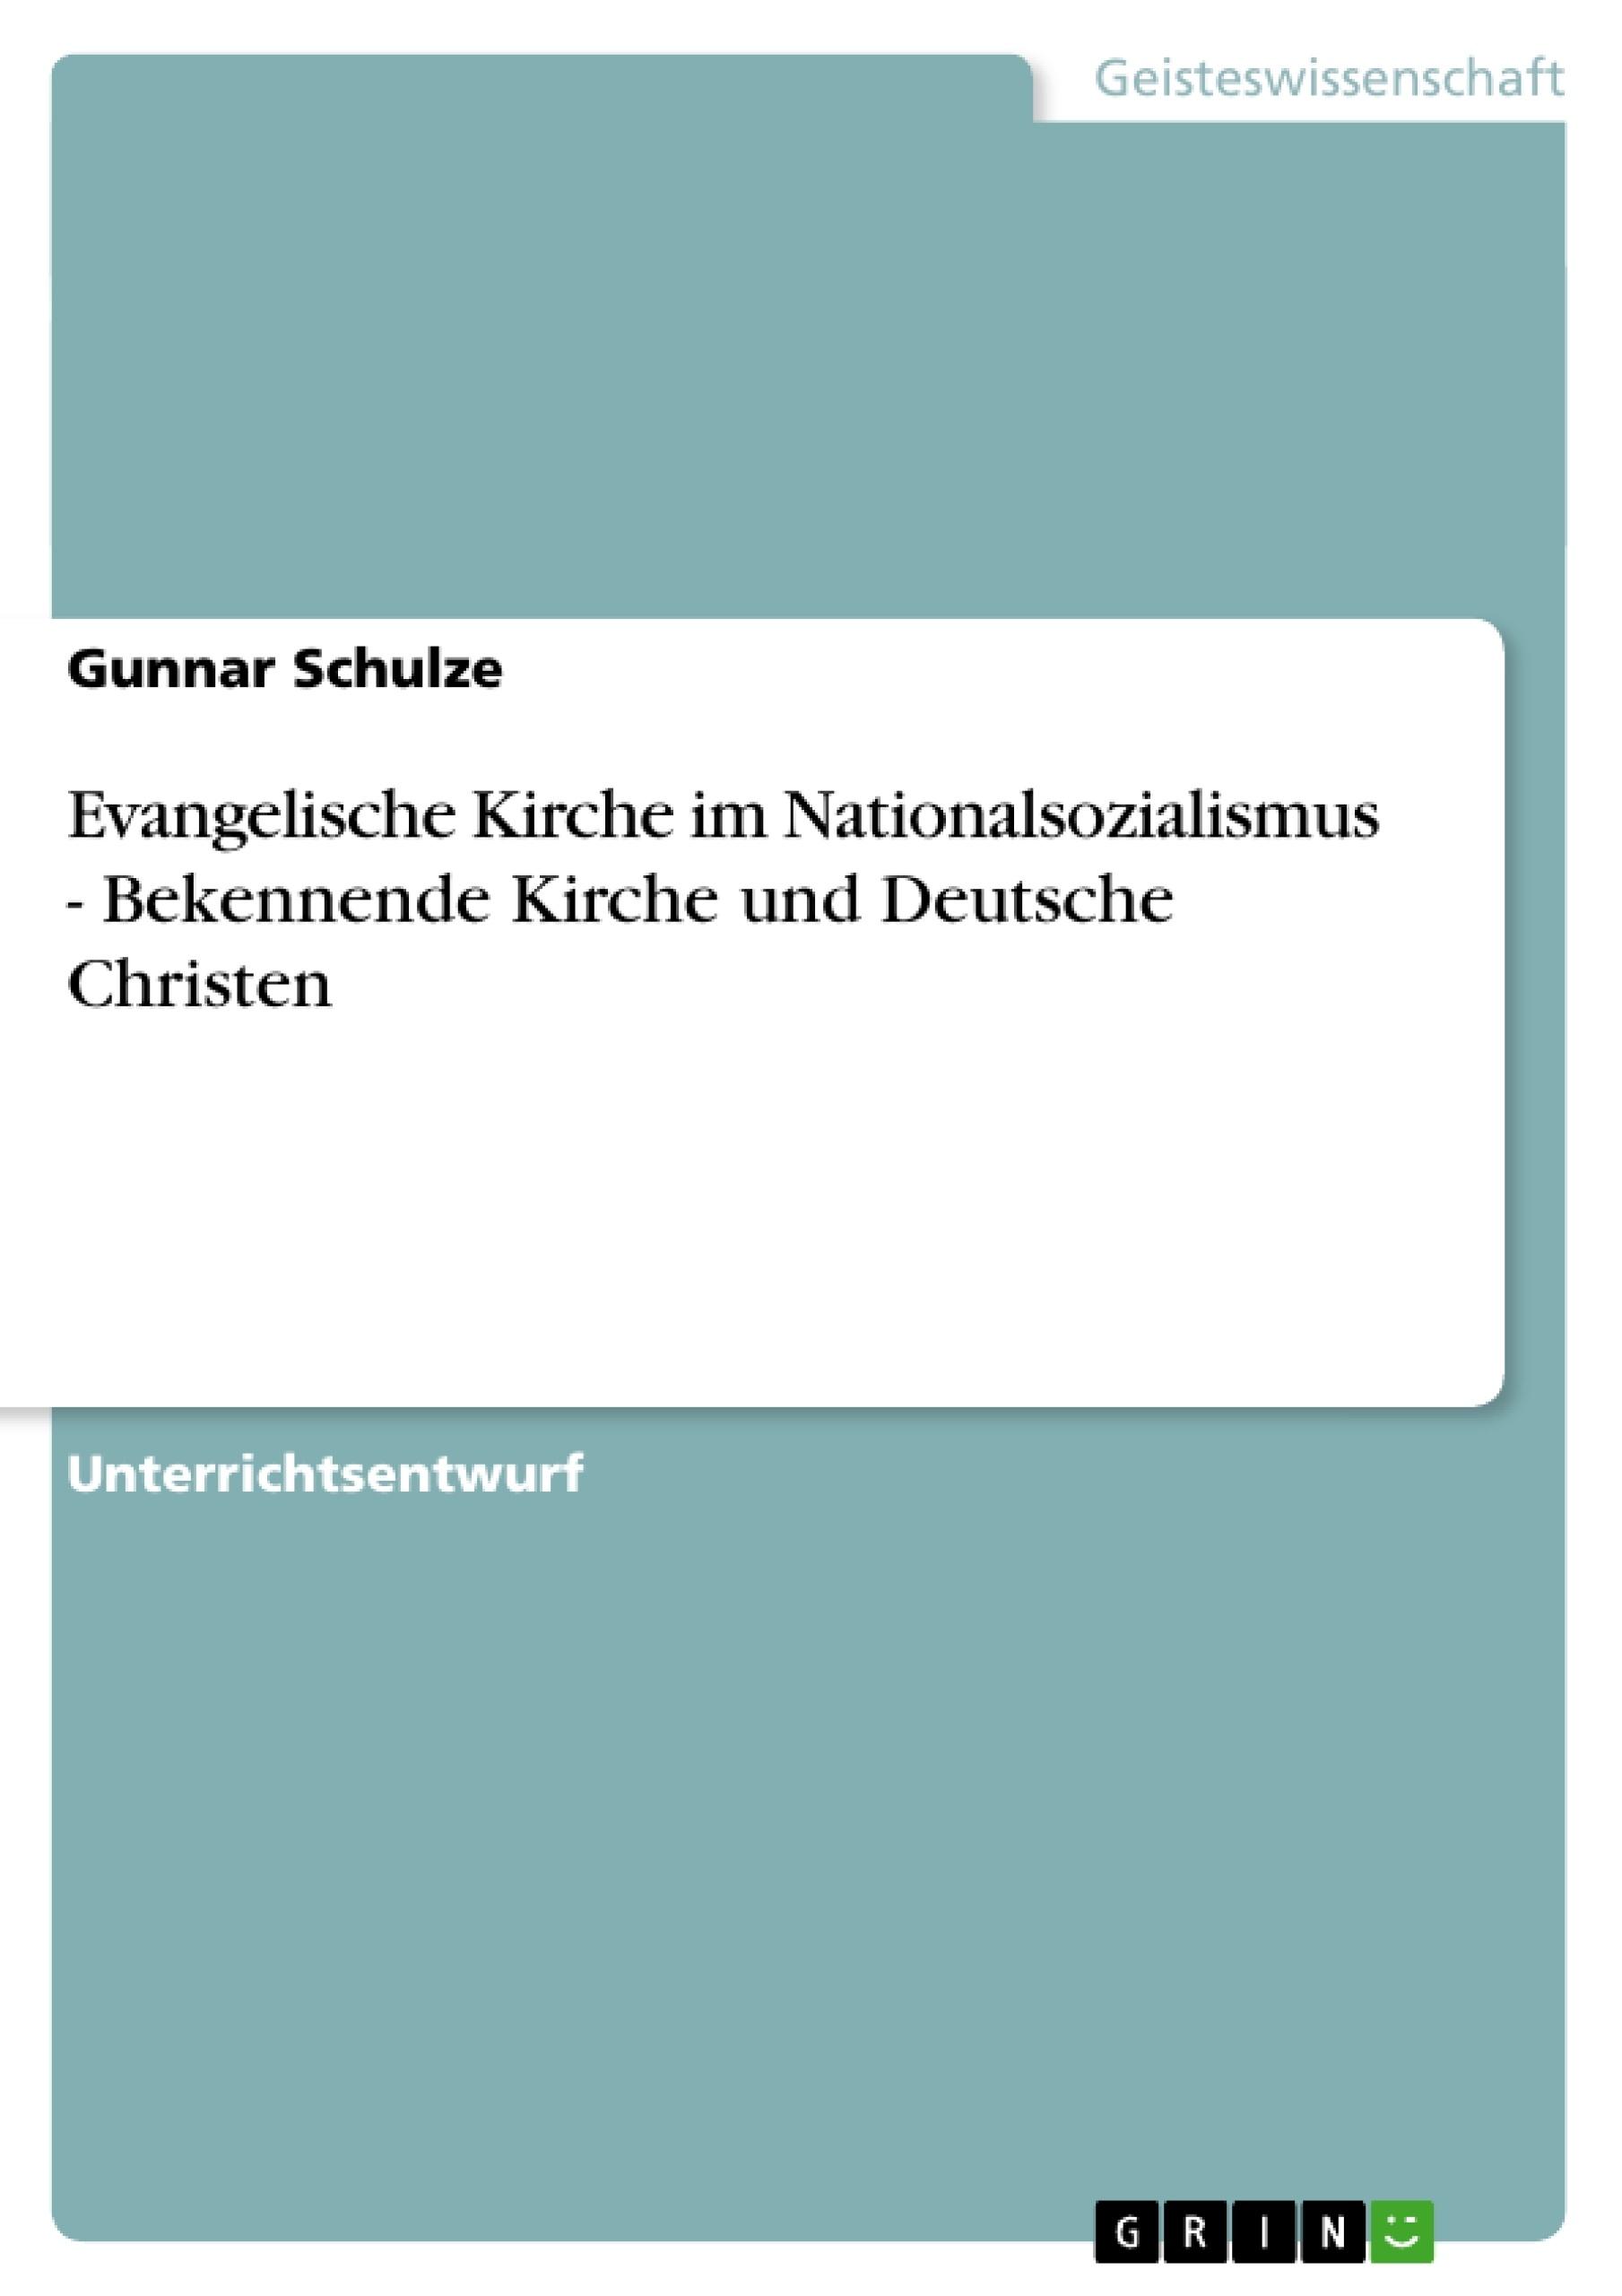 Titel: Evangelische Kirche im Nationalsozialismus - Bekennende Kirche und Deutsche Christen